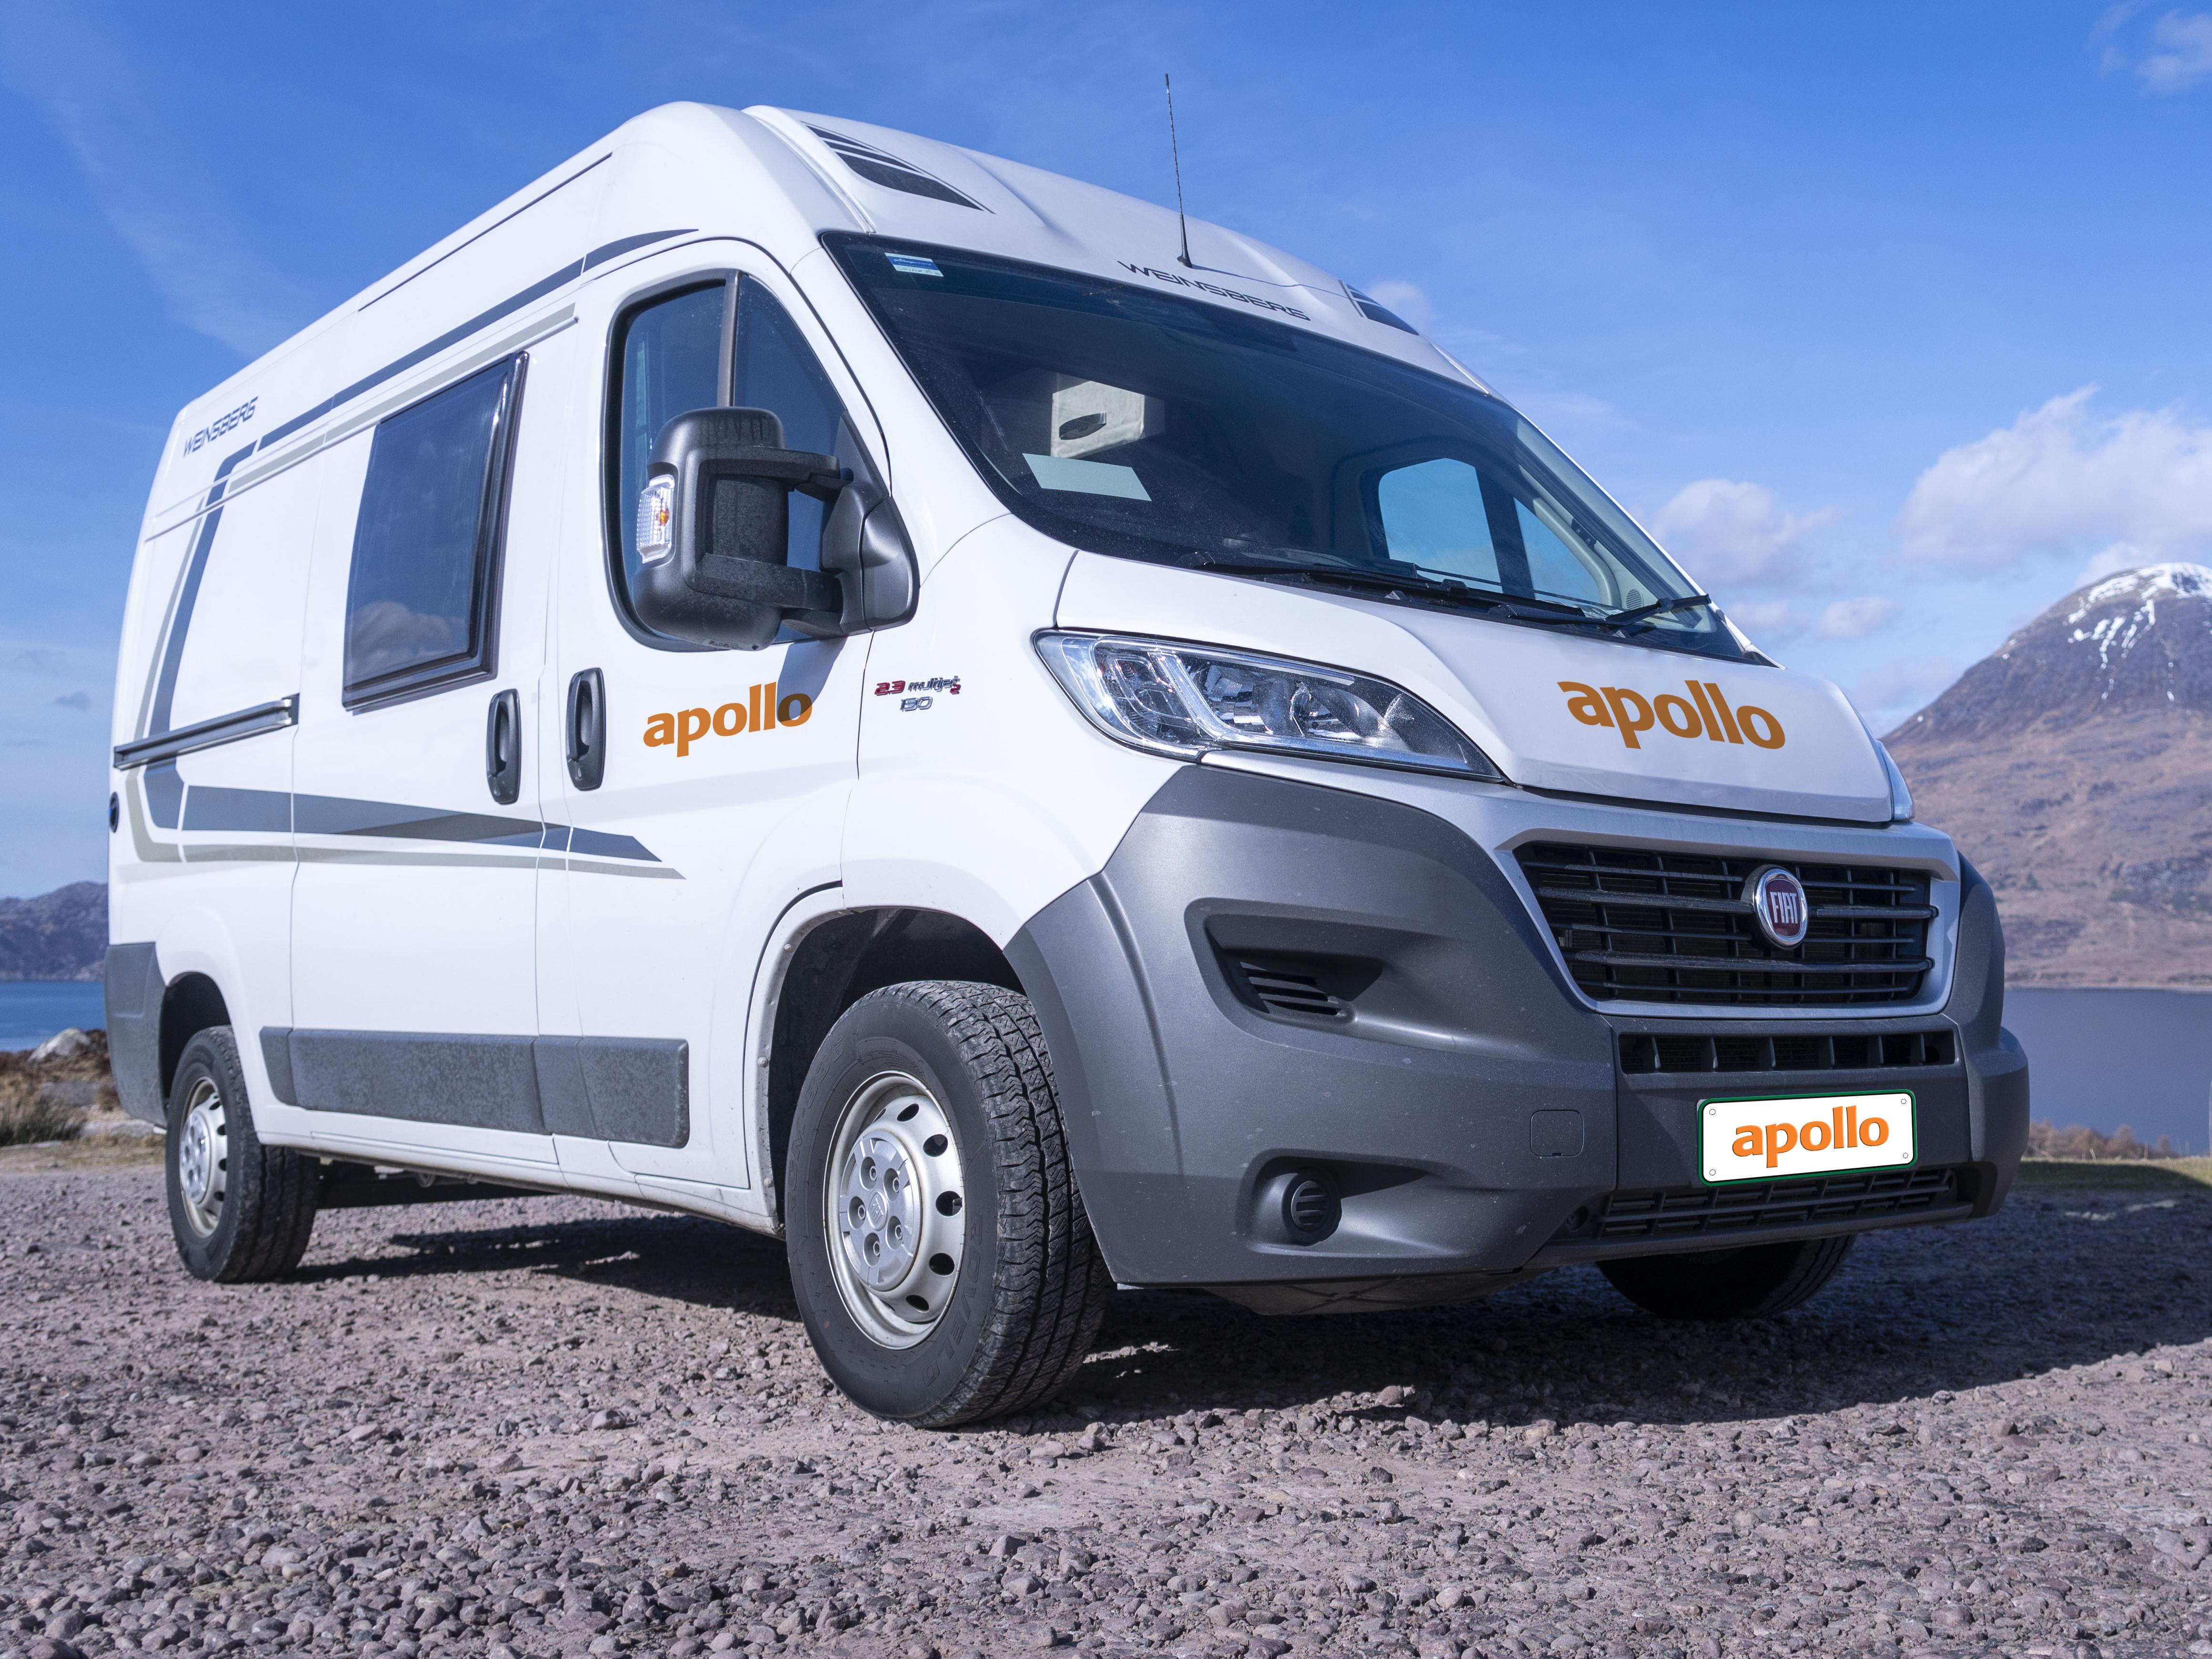 Campervan & Motorhome Rental vehicles - Apollo Motorhomes